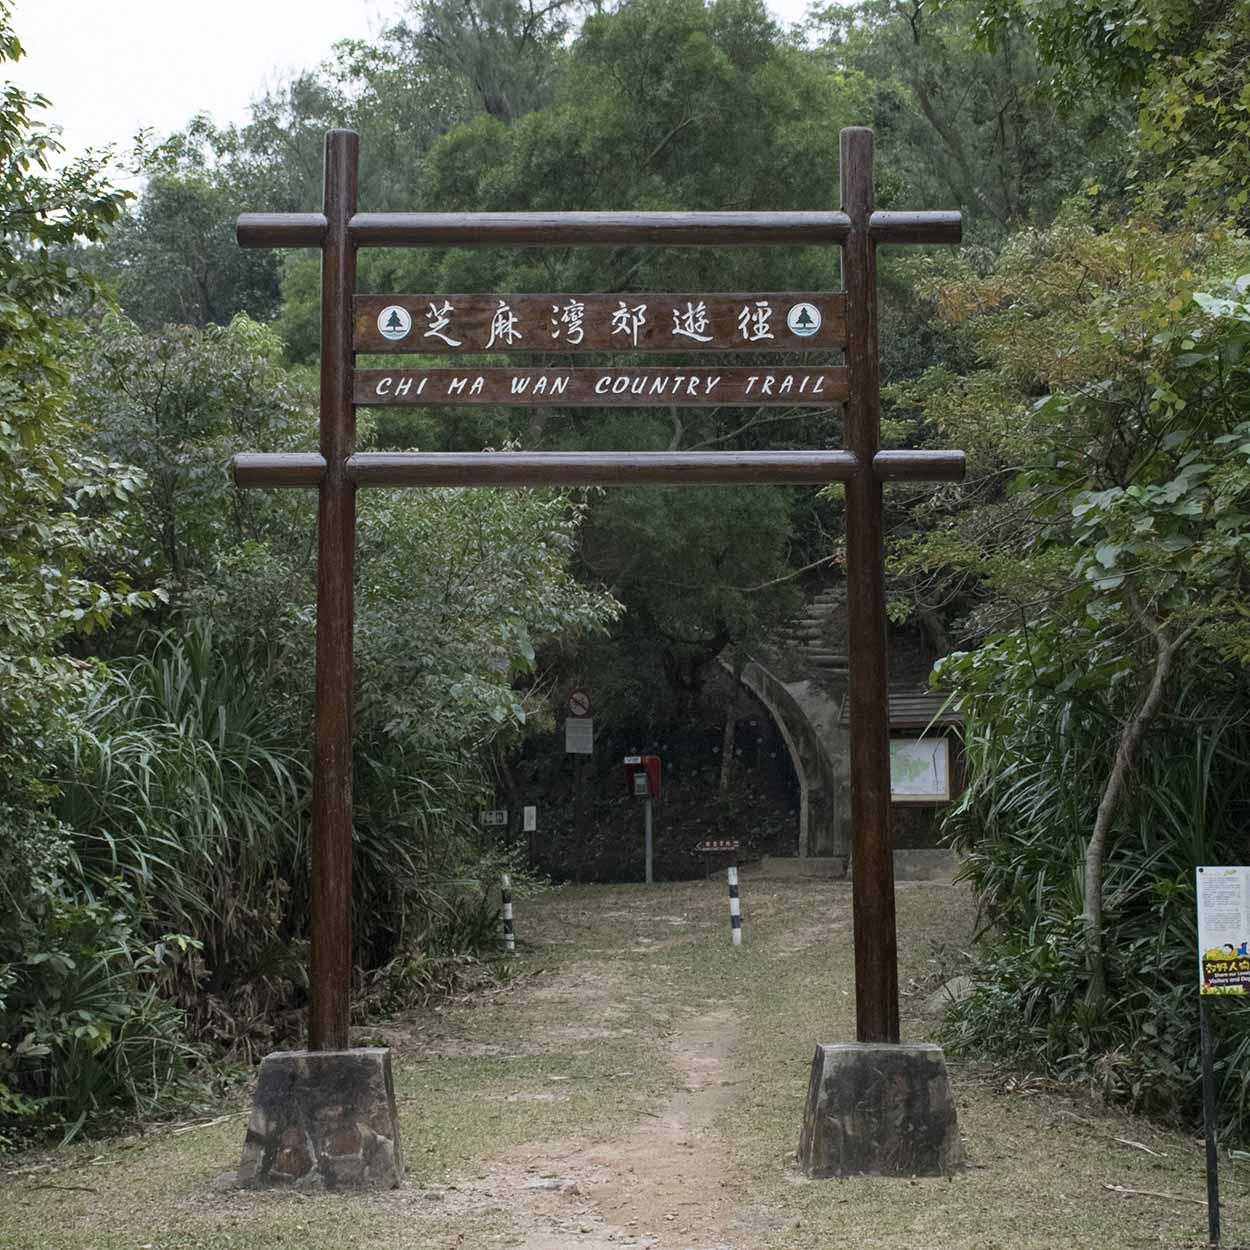 The entrance to the Chi Ma Wan Country Trail, Lantau Island, Hong Kong, China